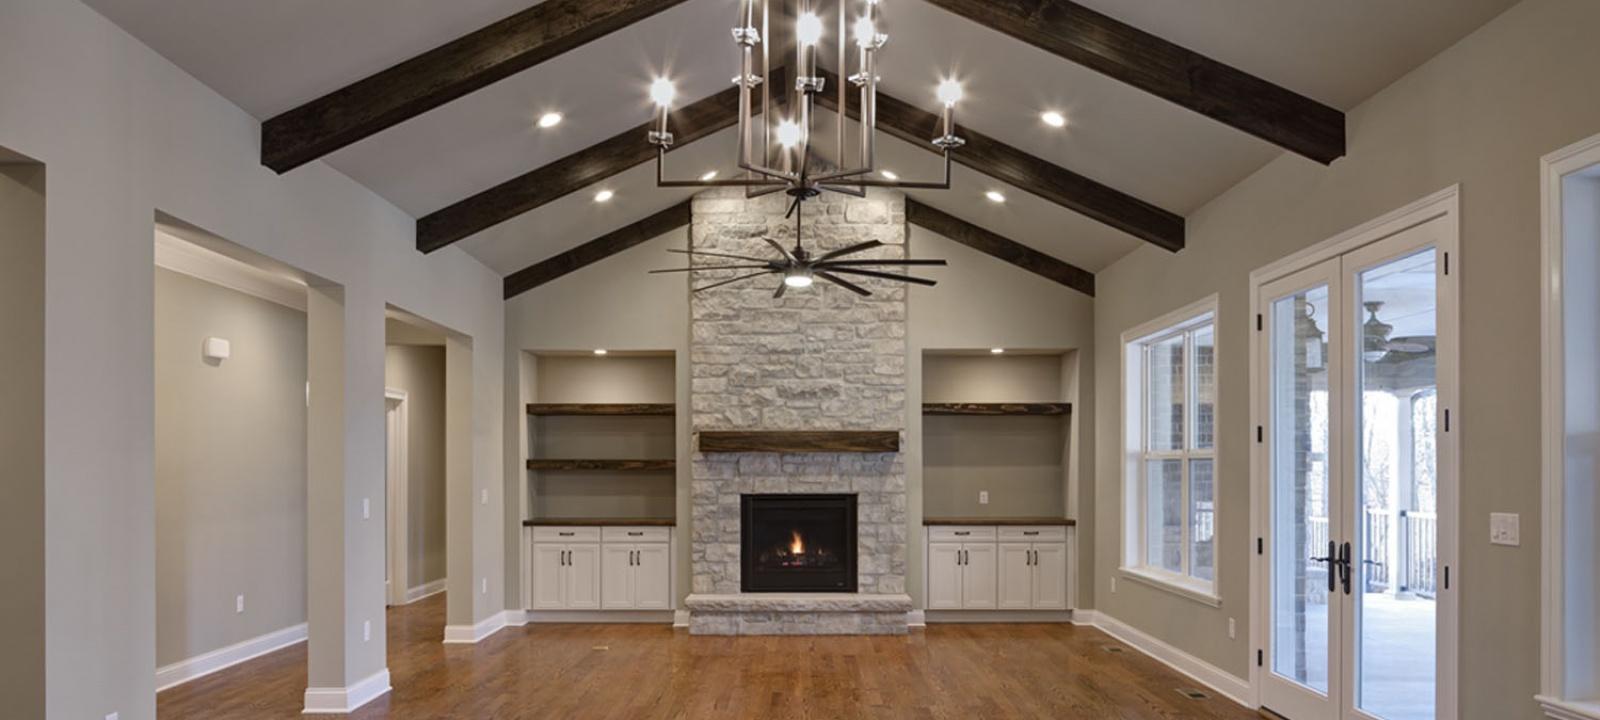 7223 Weldon Spring Road, Dardenne Prairie, Missouri 63368, 4 Bedrooms Bedrooms, ,3 BathroomsBathrooms,House,Completed,Weldon Spring Road,1005